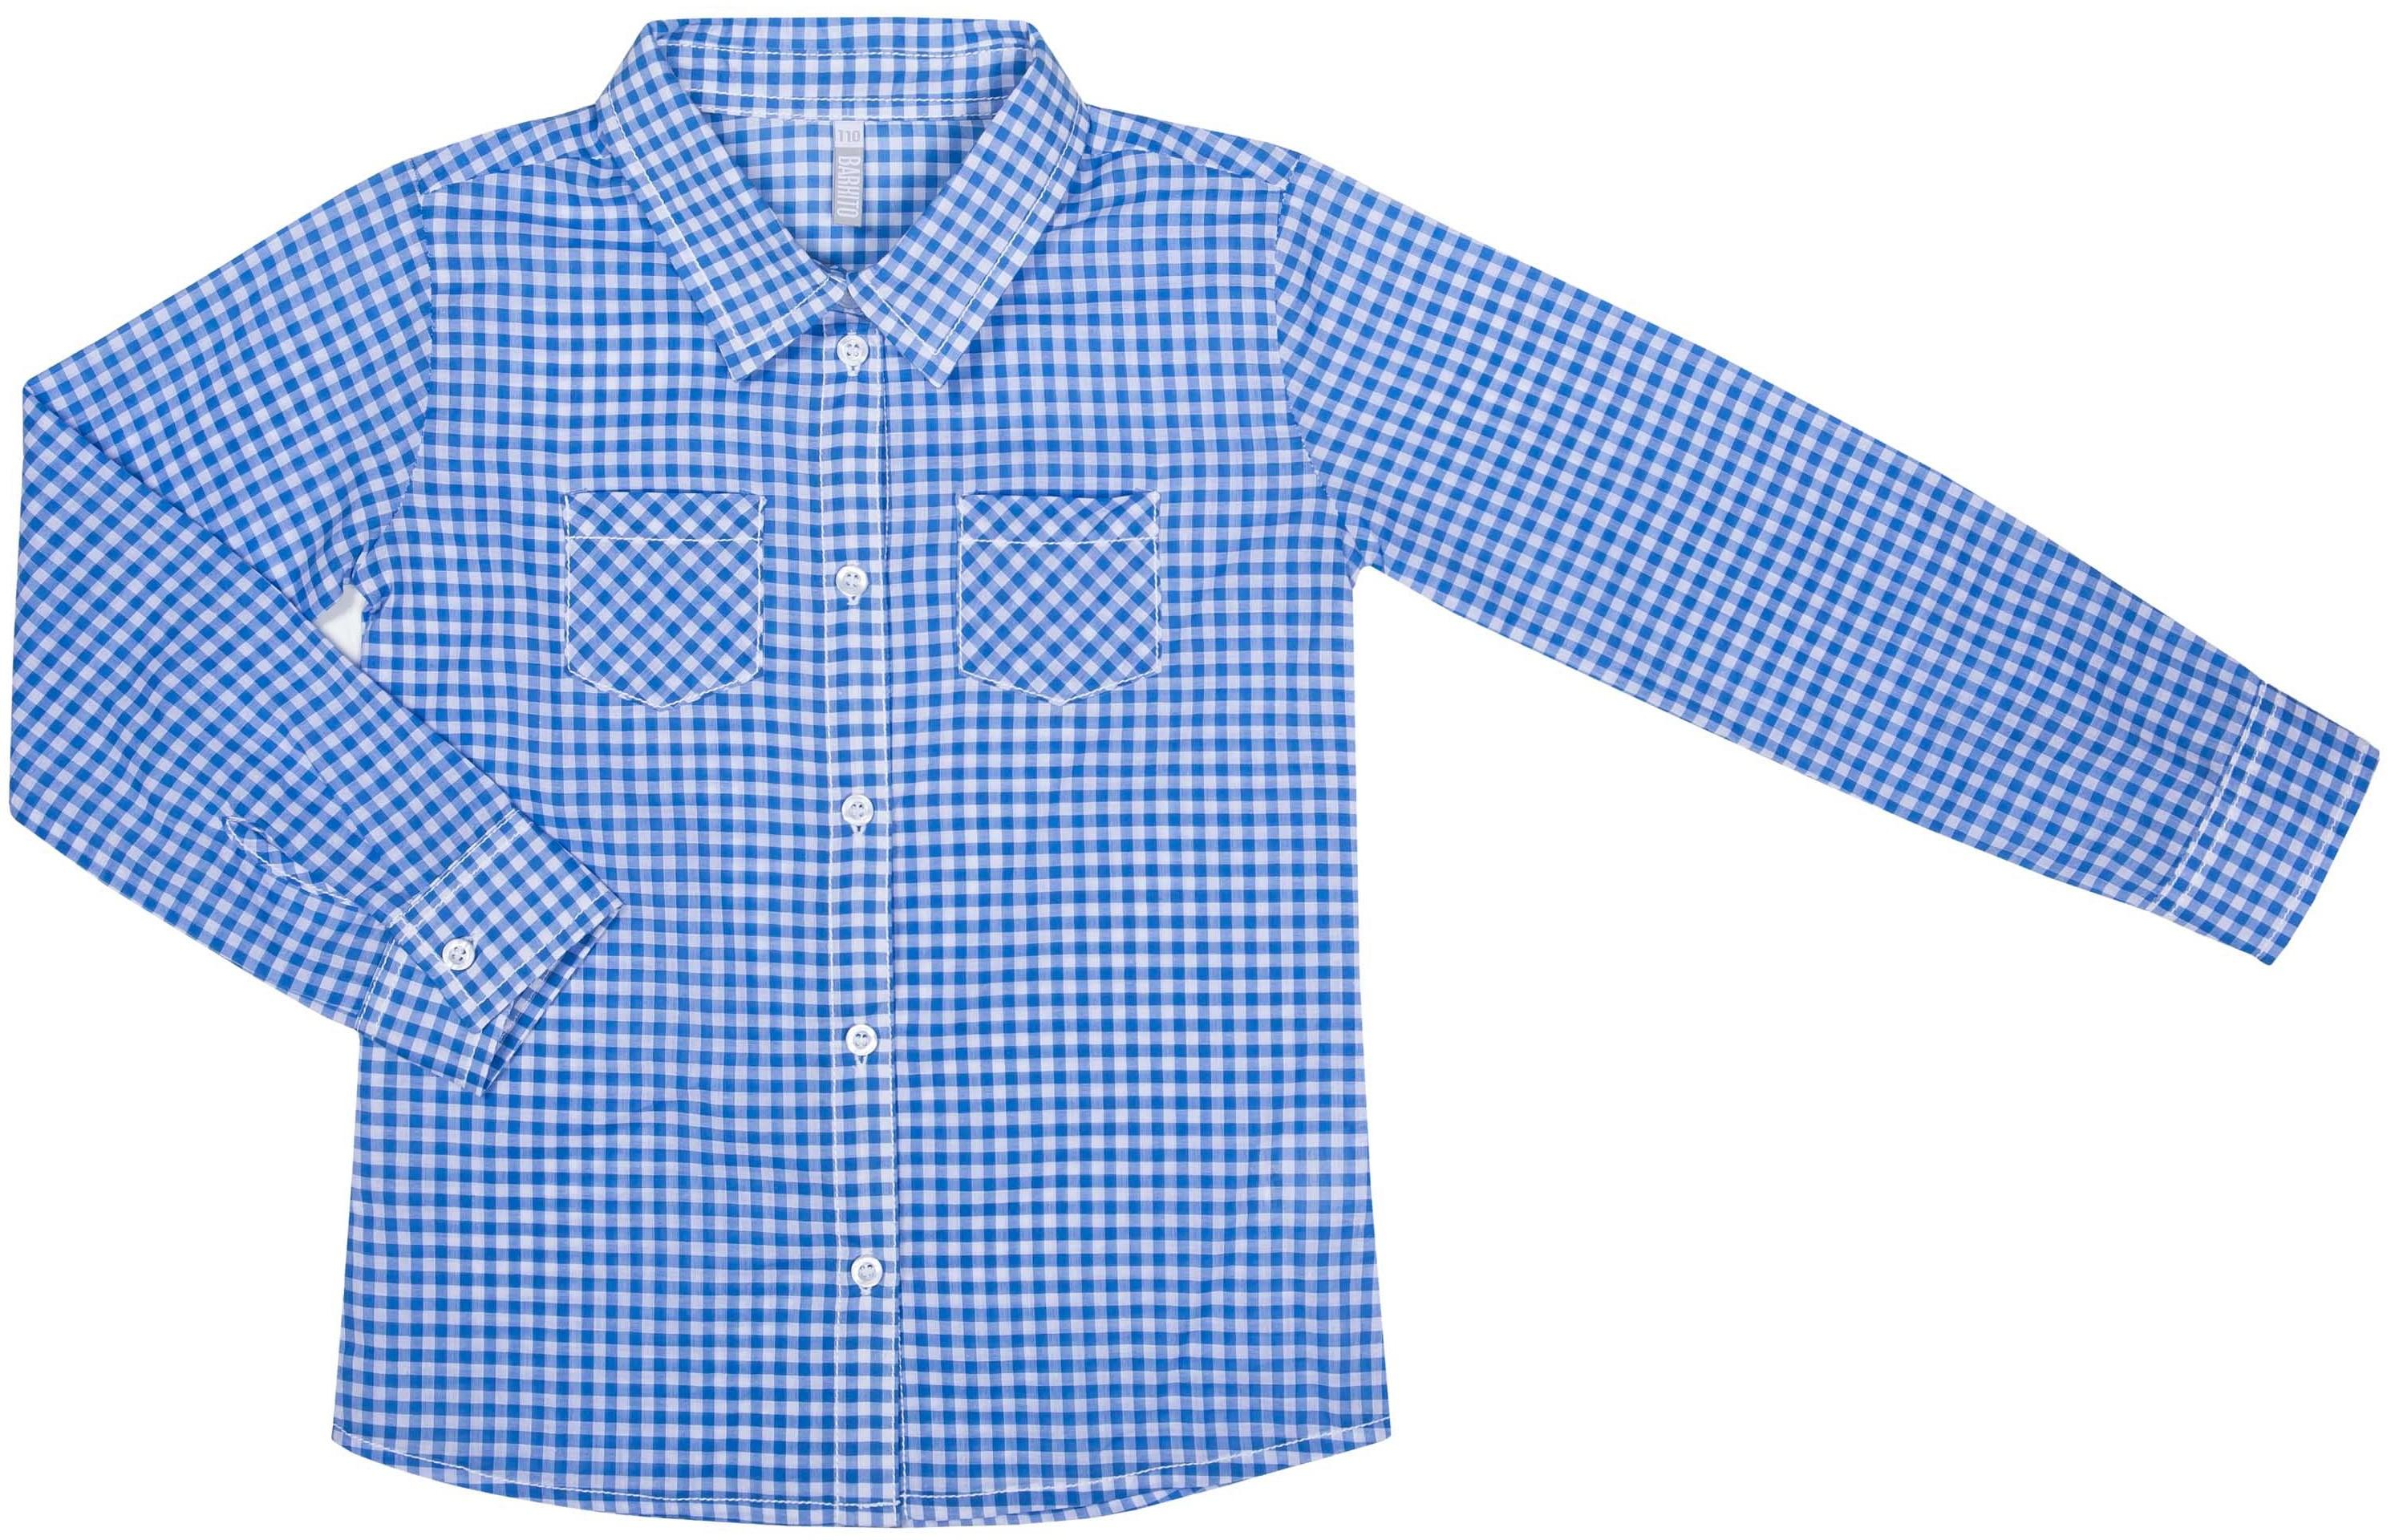 Блузка для девочки Barkito Северные приключения 1 водолазка для девочки barkito w18g1014j 1